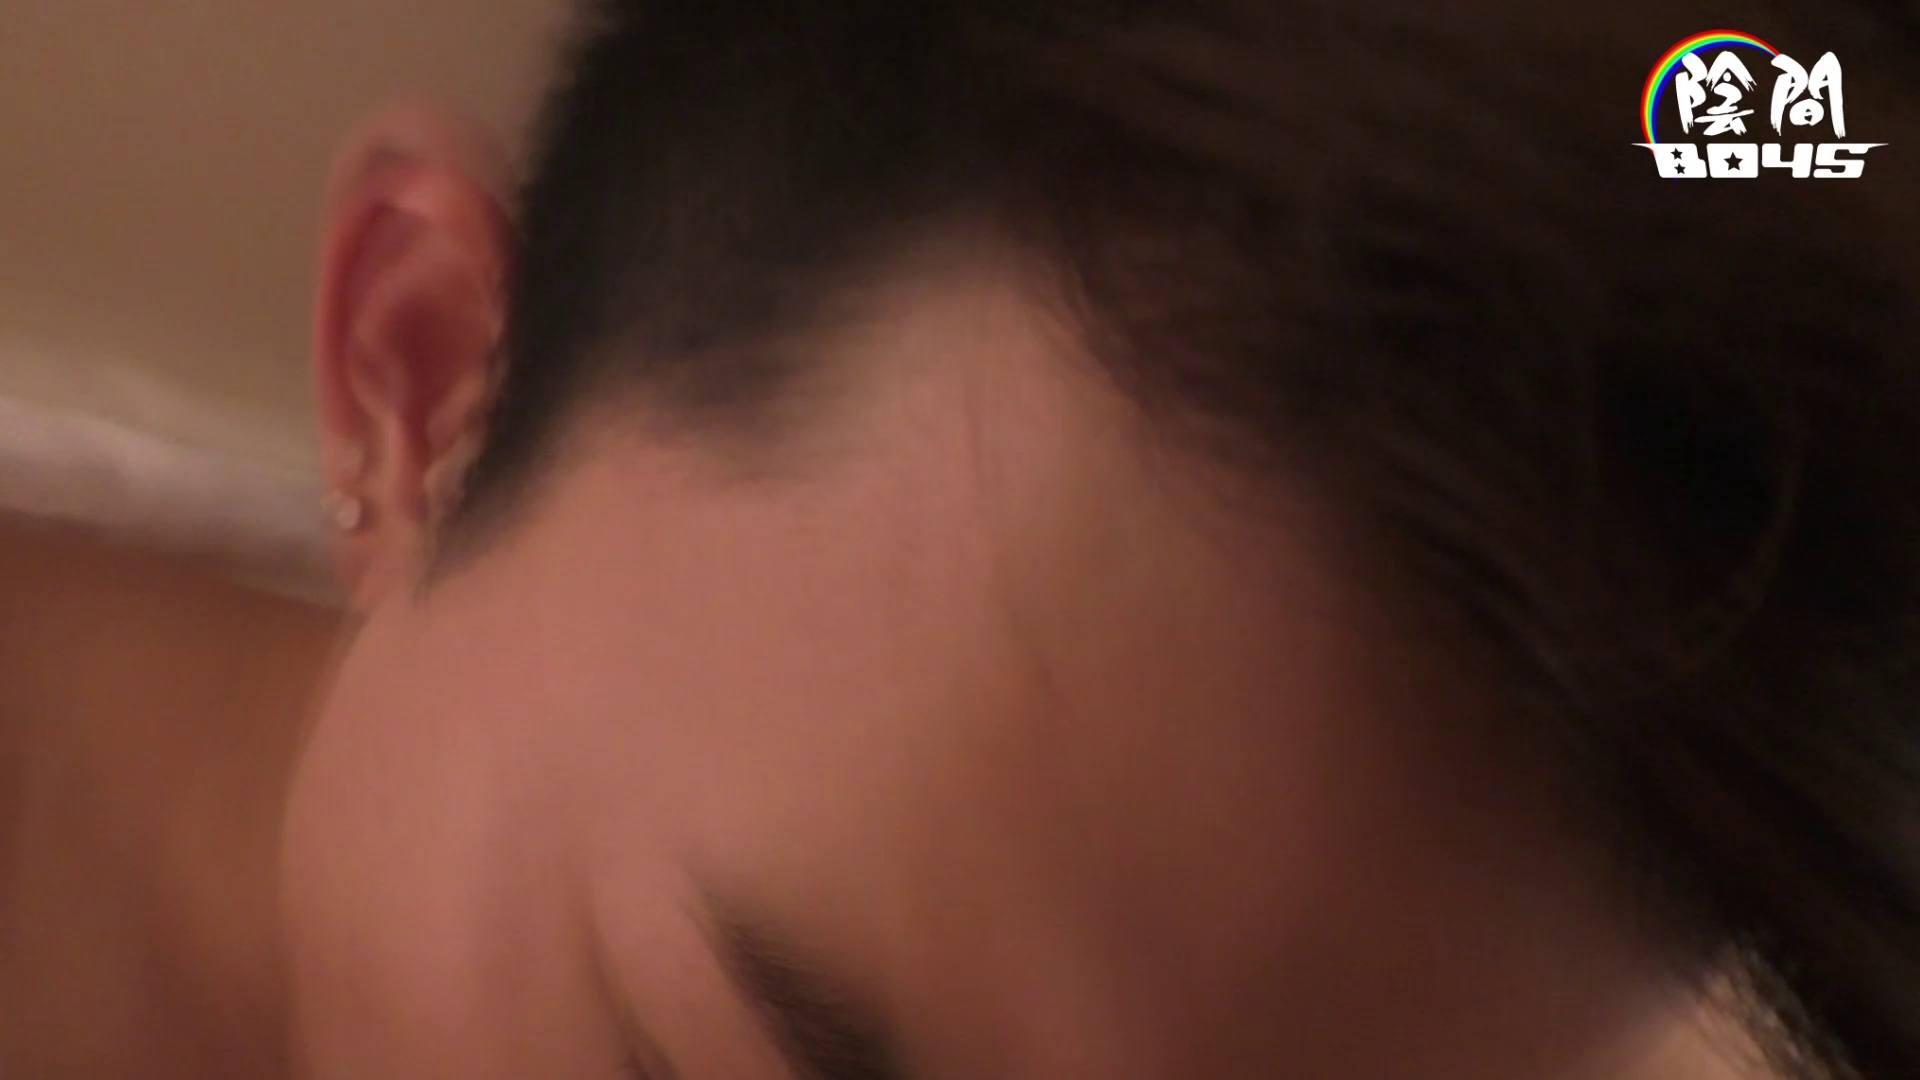 「君のアナルは」part1 ~ノンケの掟破り~Vol.06 フェラ天国 ゲイセックス画像 107pic 93